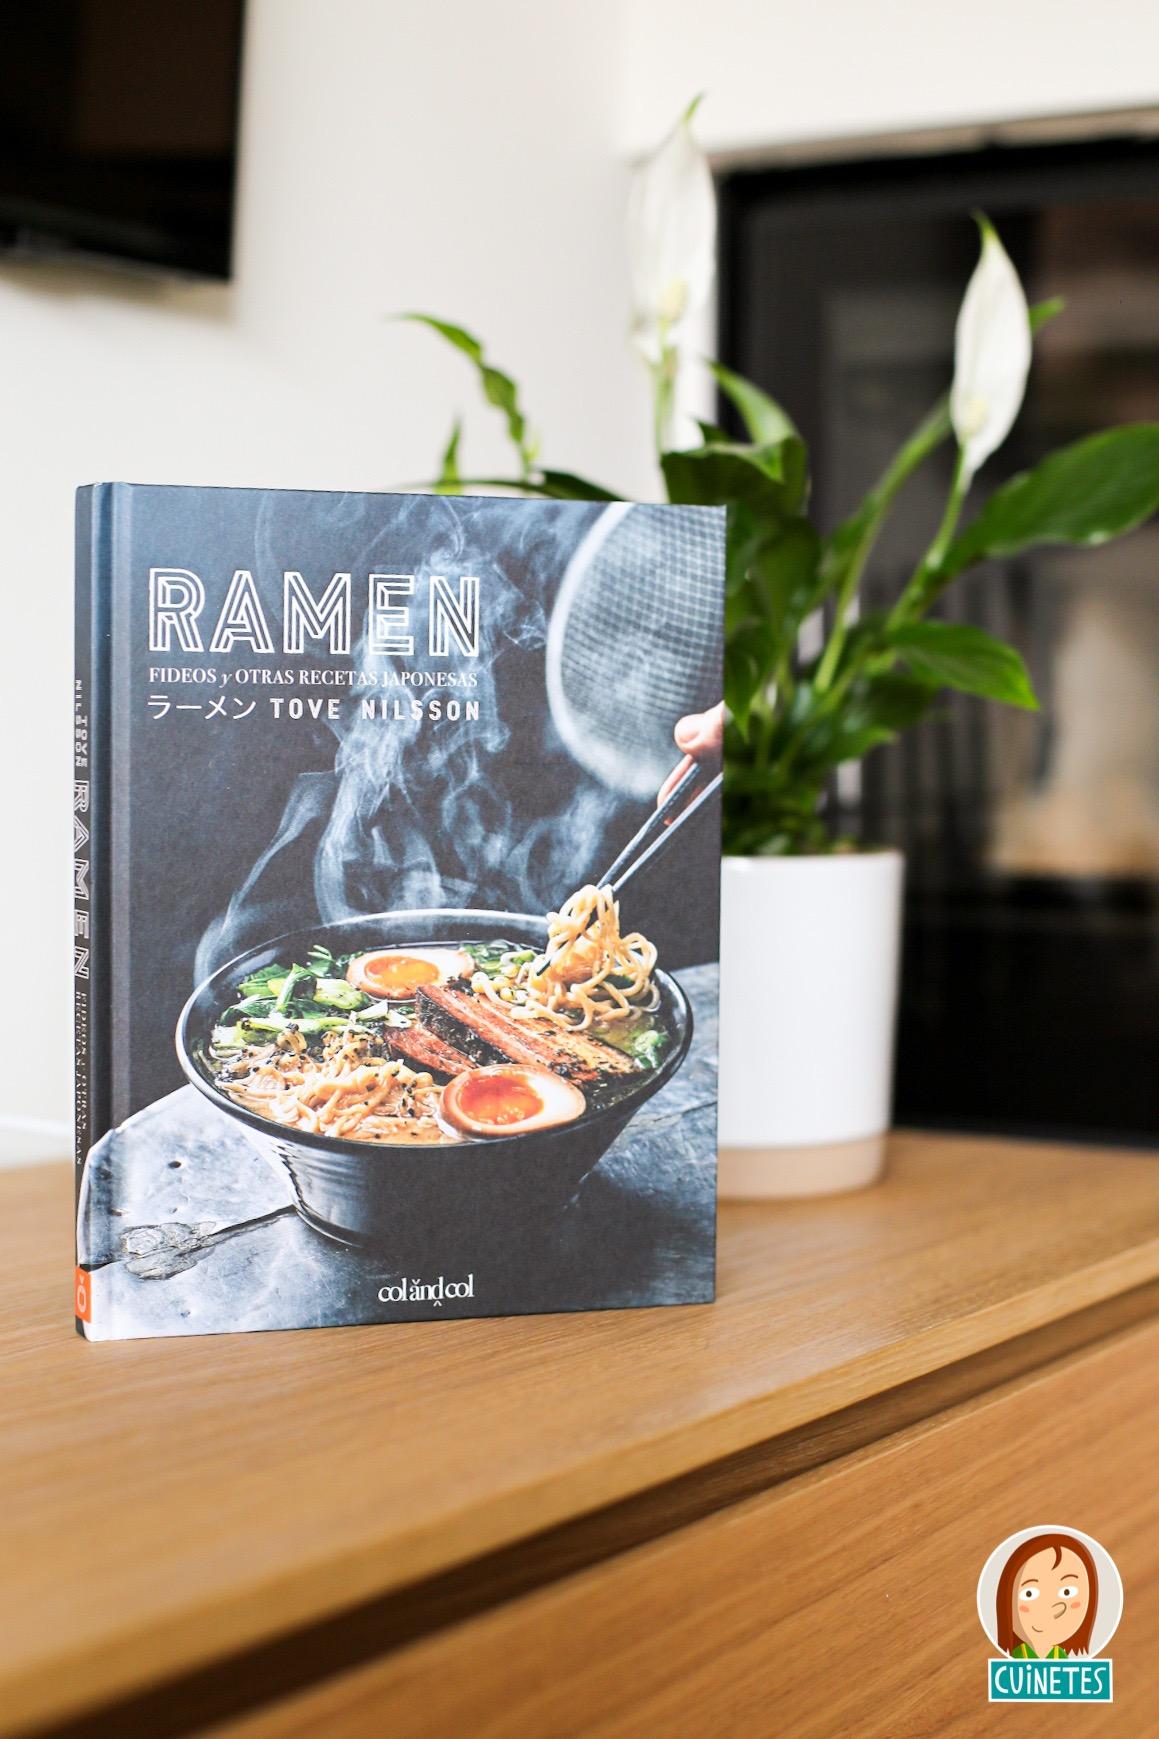 Ramen_llibre